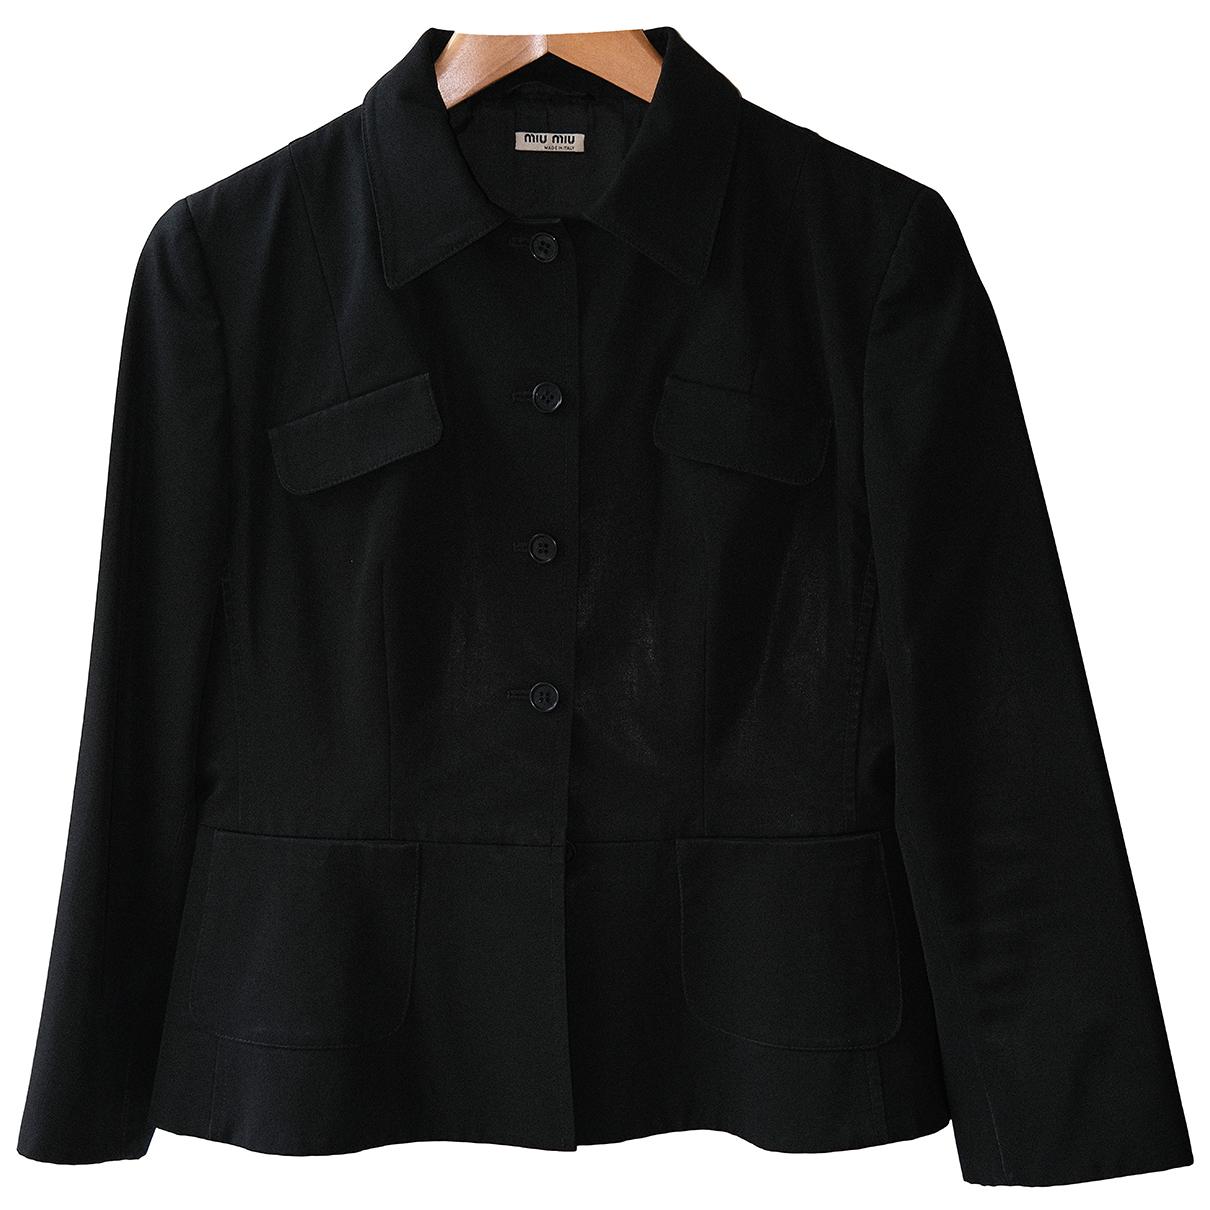 Miu Miu N Black jacket for Women 44 IT